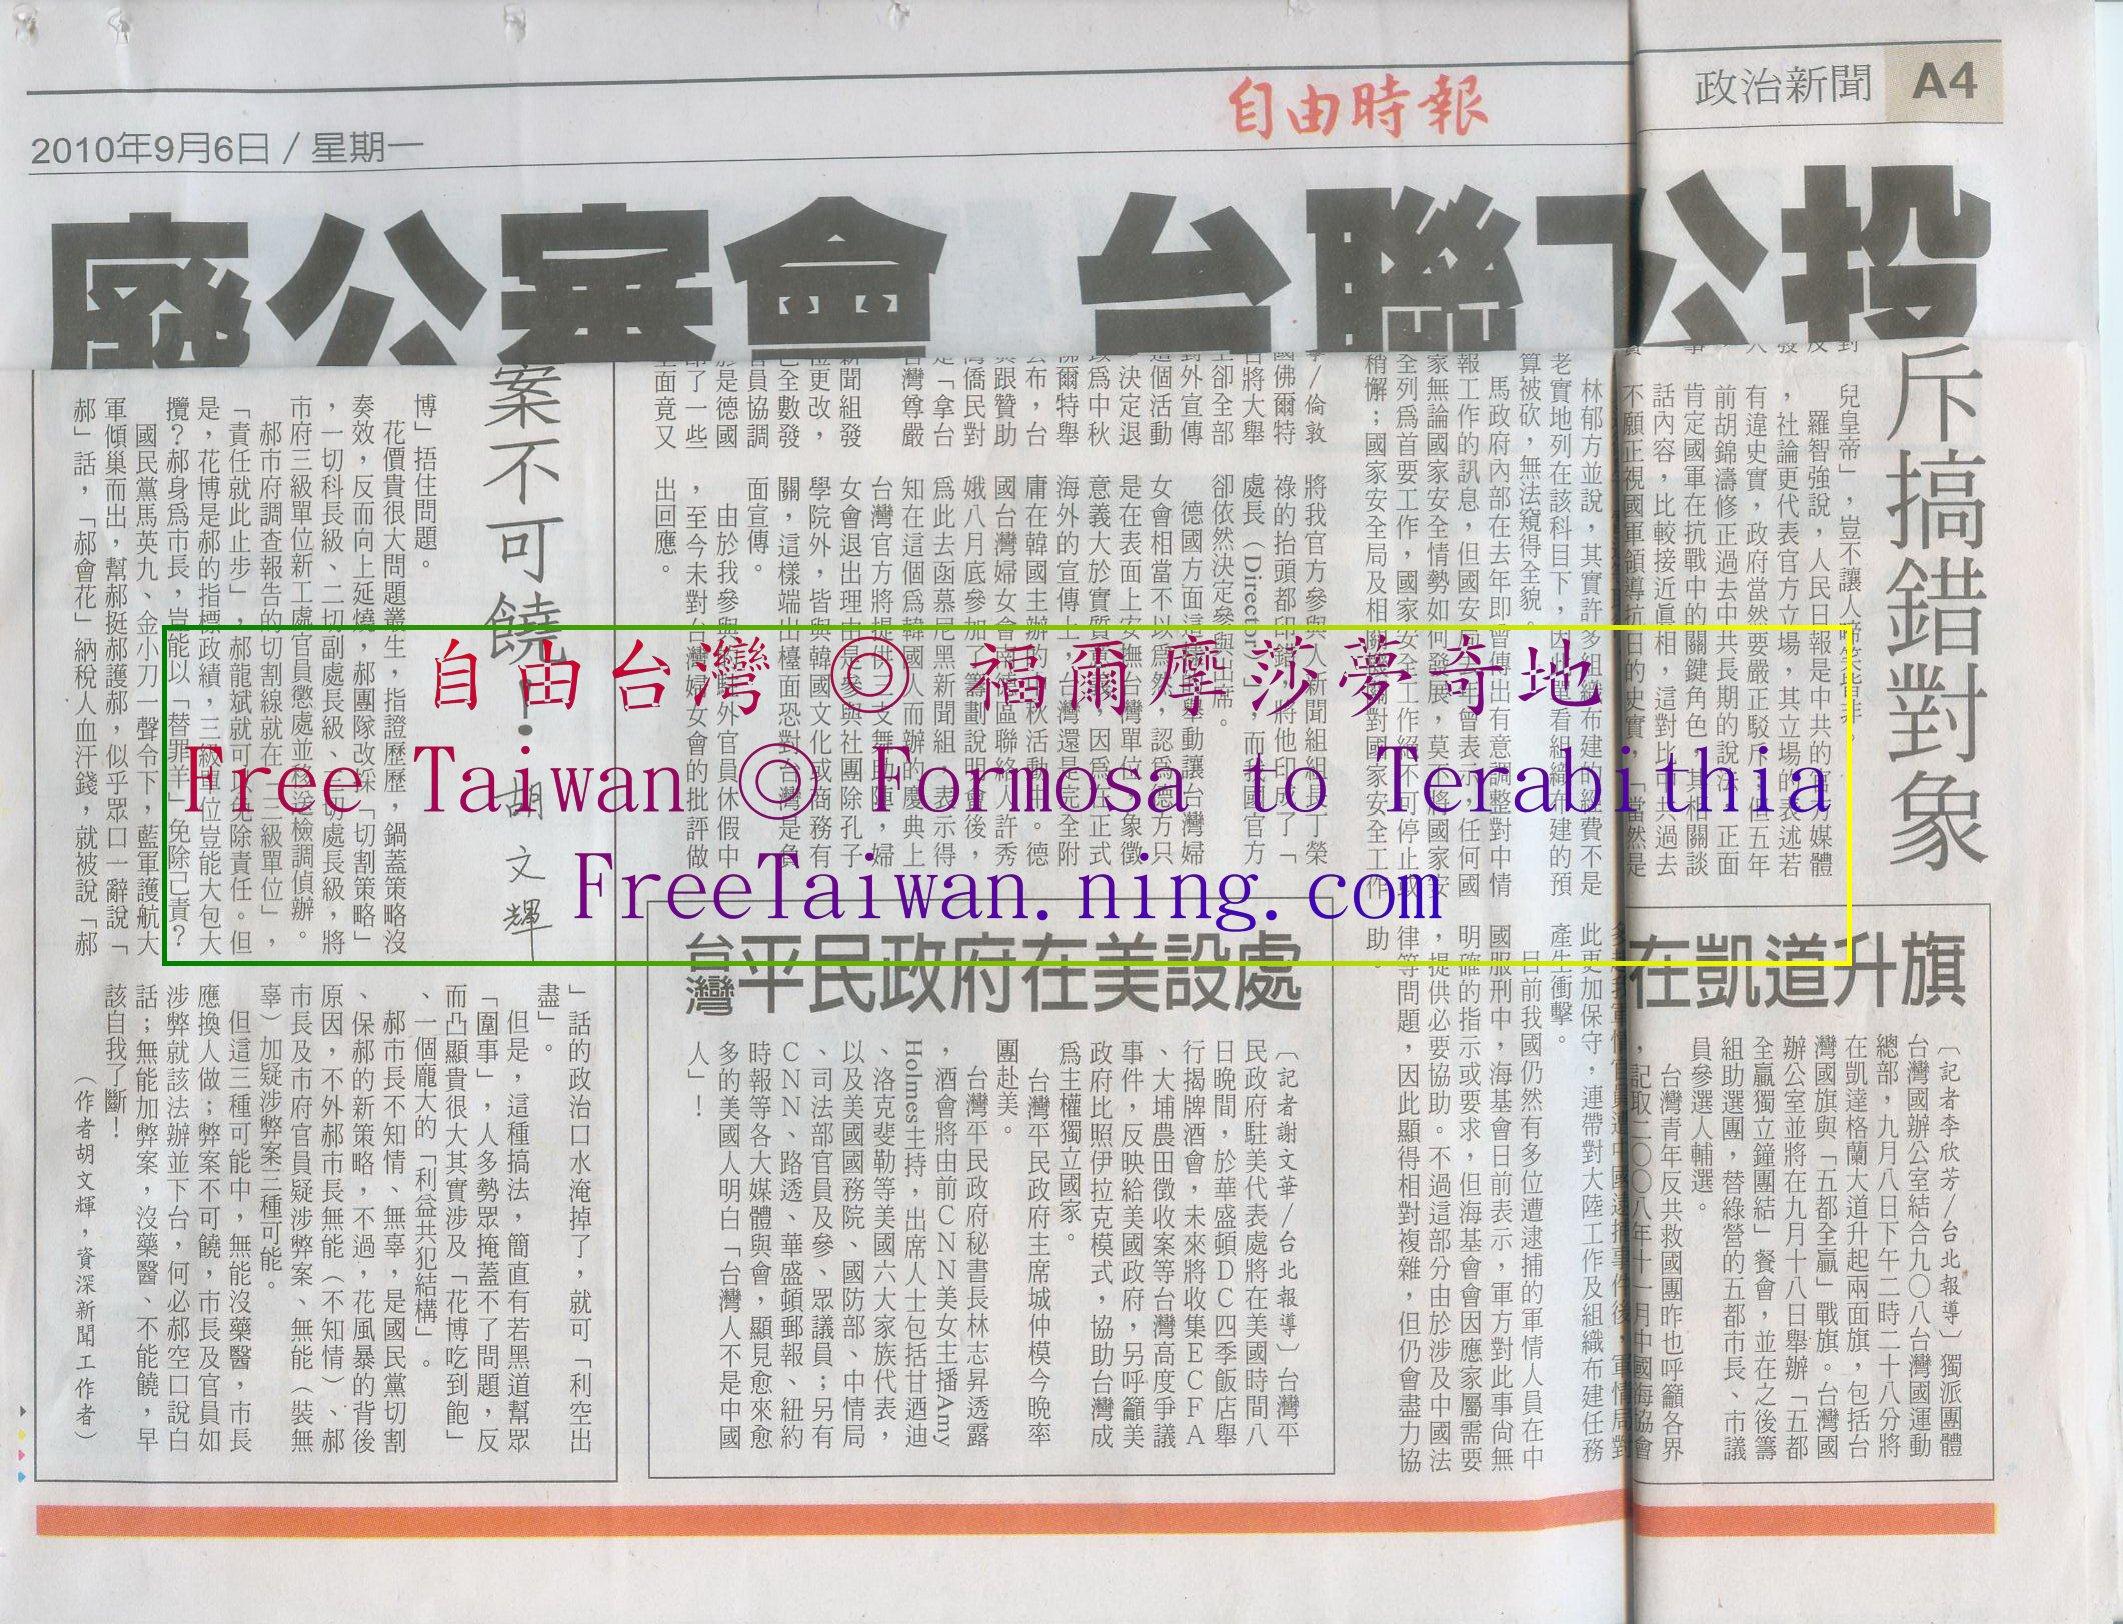 2010-09-06 自由時報-台灣平民政府在美設處 政治新聞 A4版 自由台灣◎ 福爾摩莎夢奇地 Free Taiwan ◎ Formosa to Terabithia FreeTaiwan.ning.com